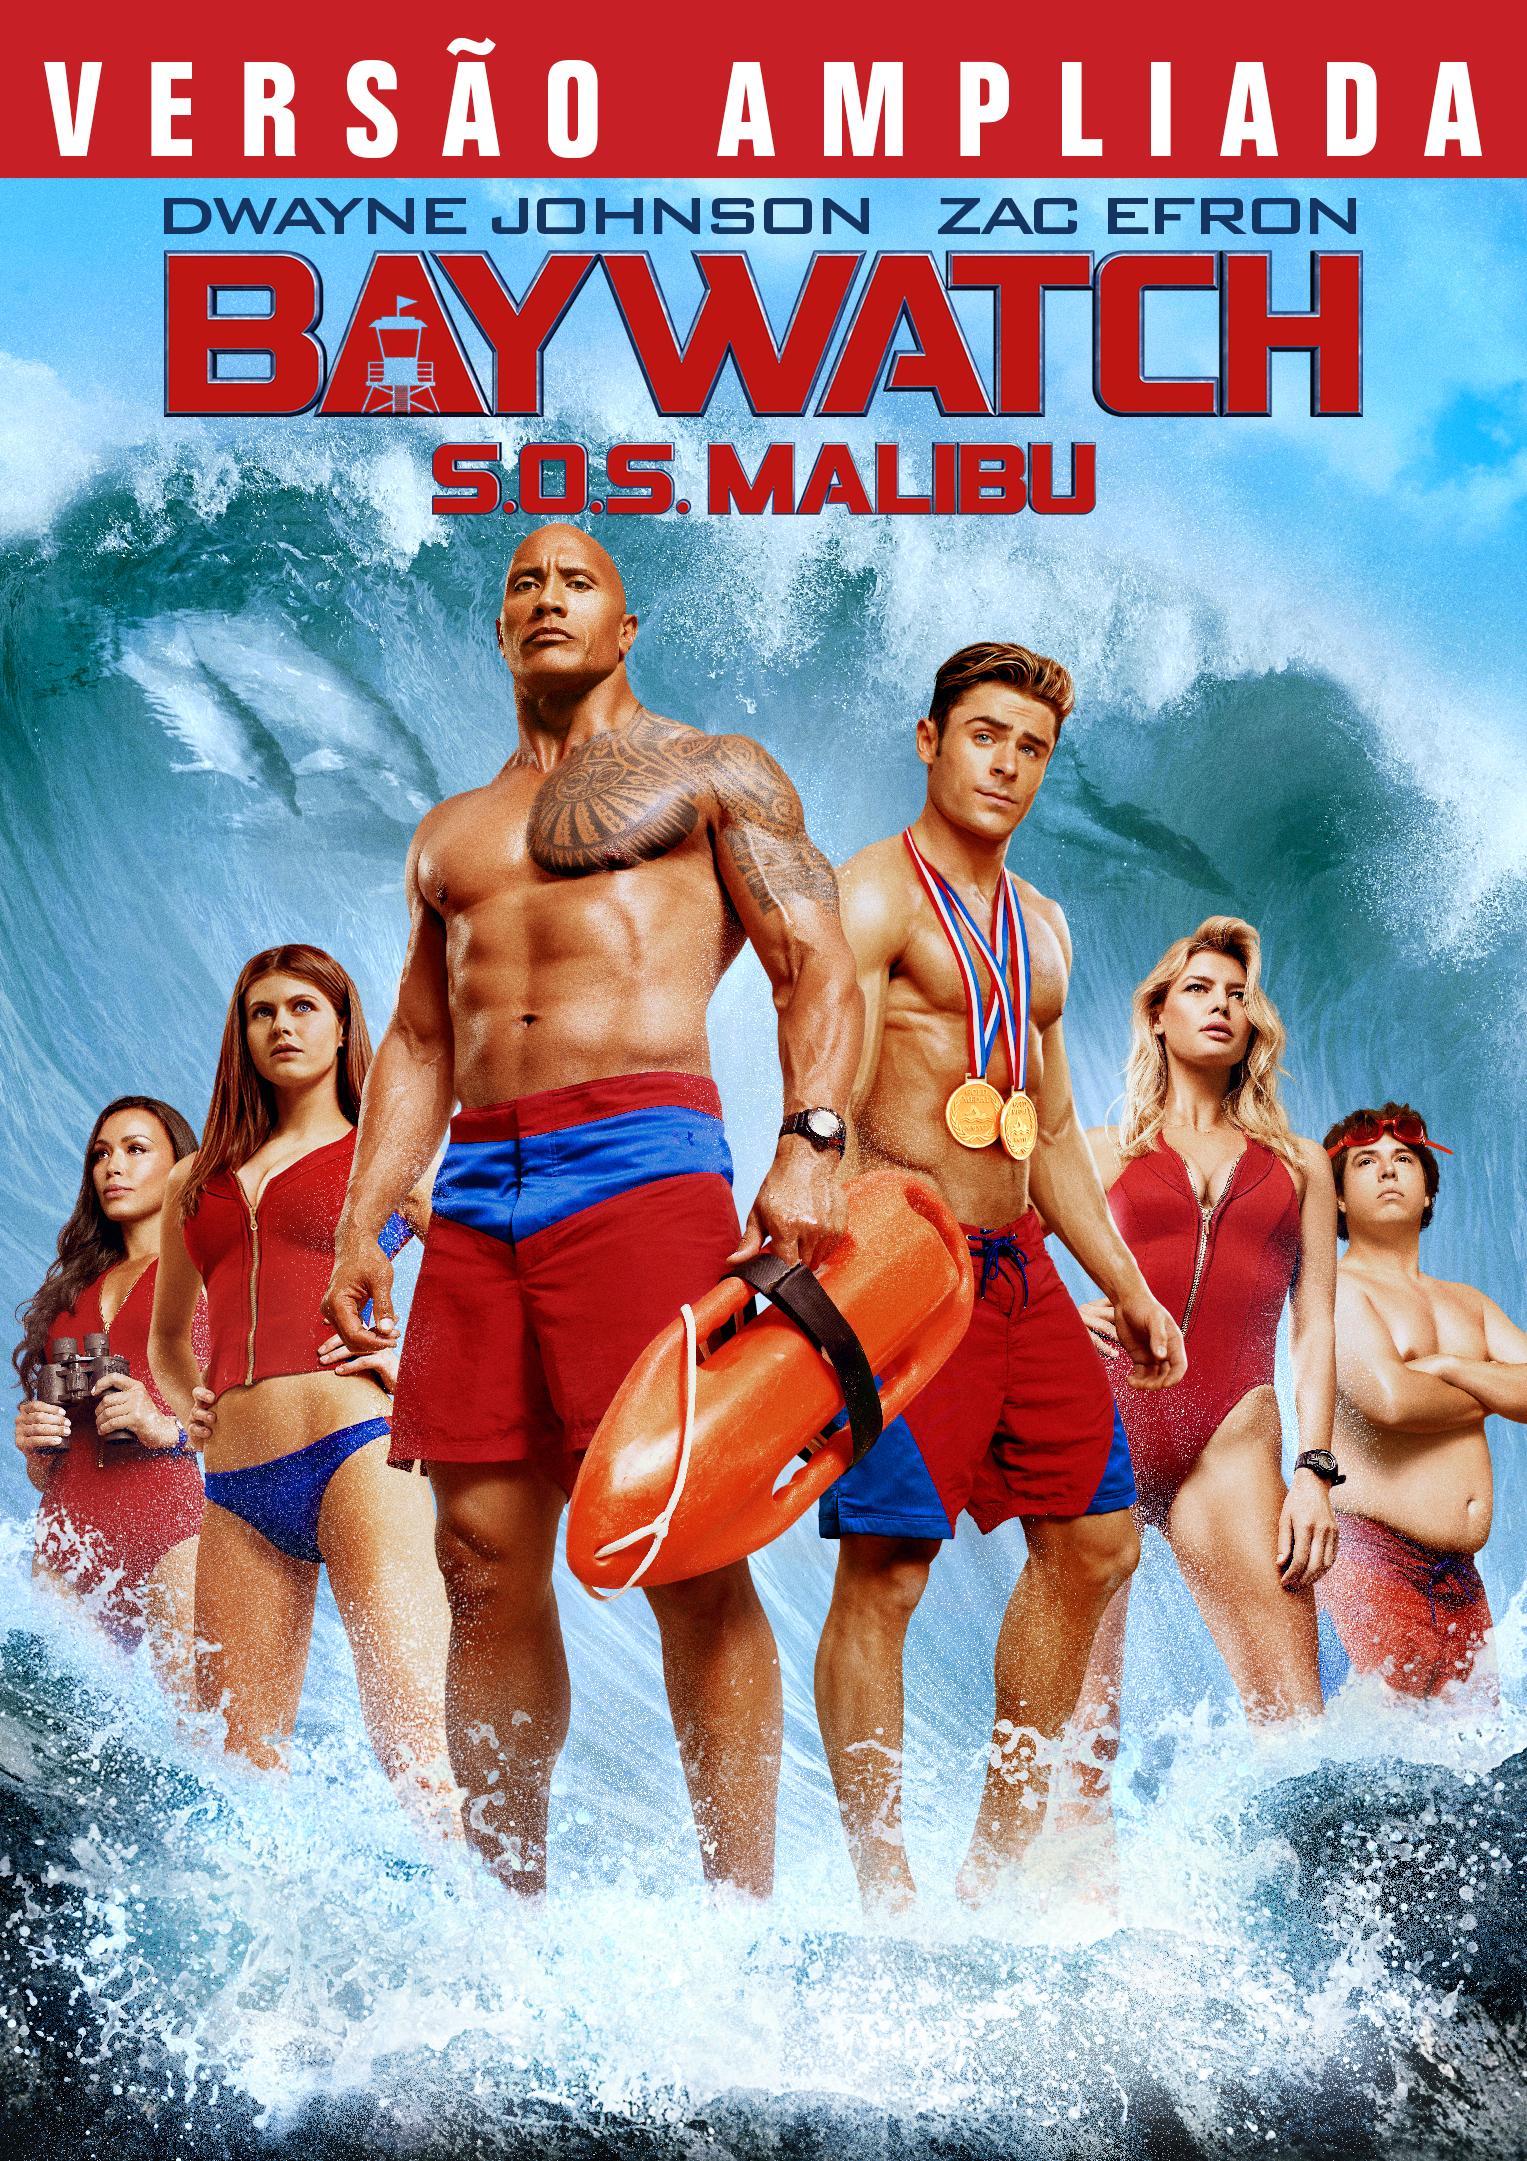 Baywatch: S.O.S Malibu - Versão Ampliada